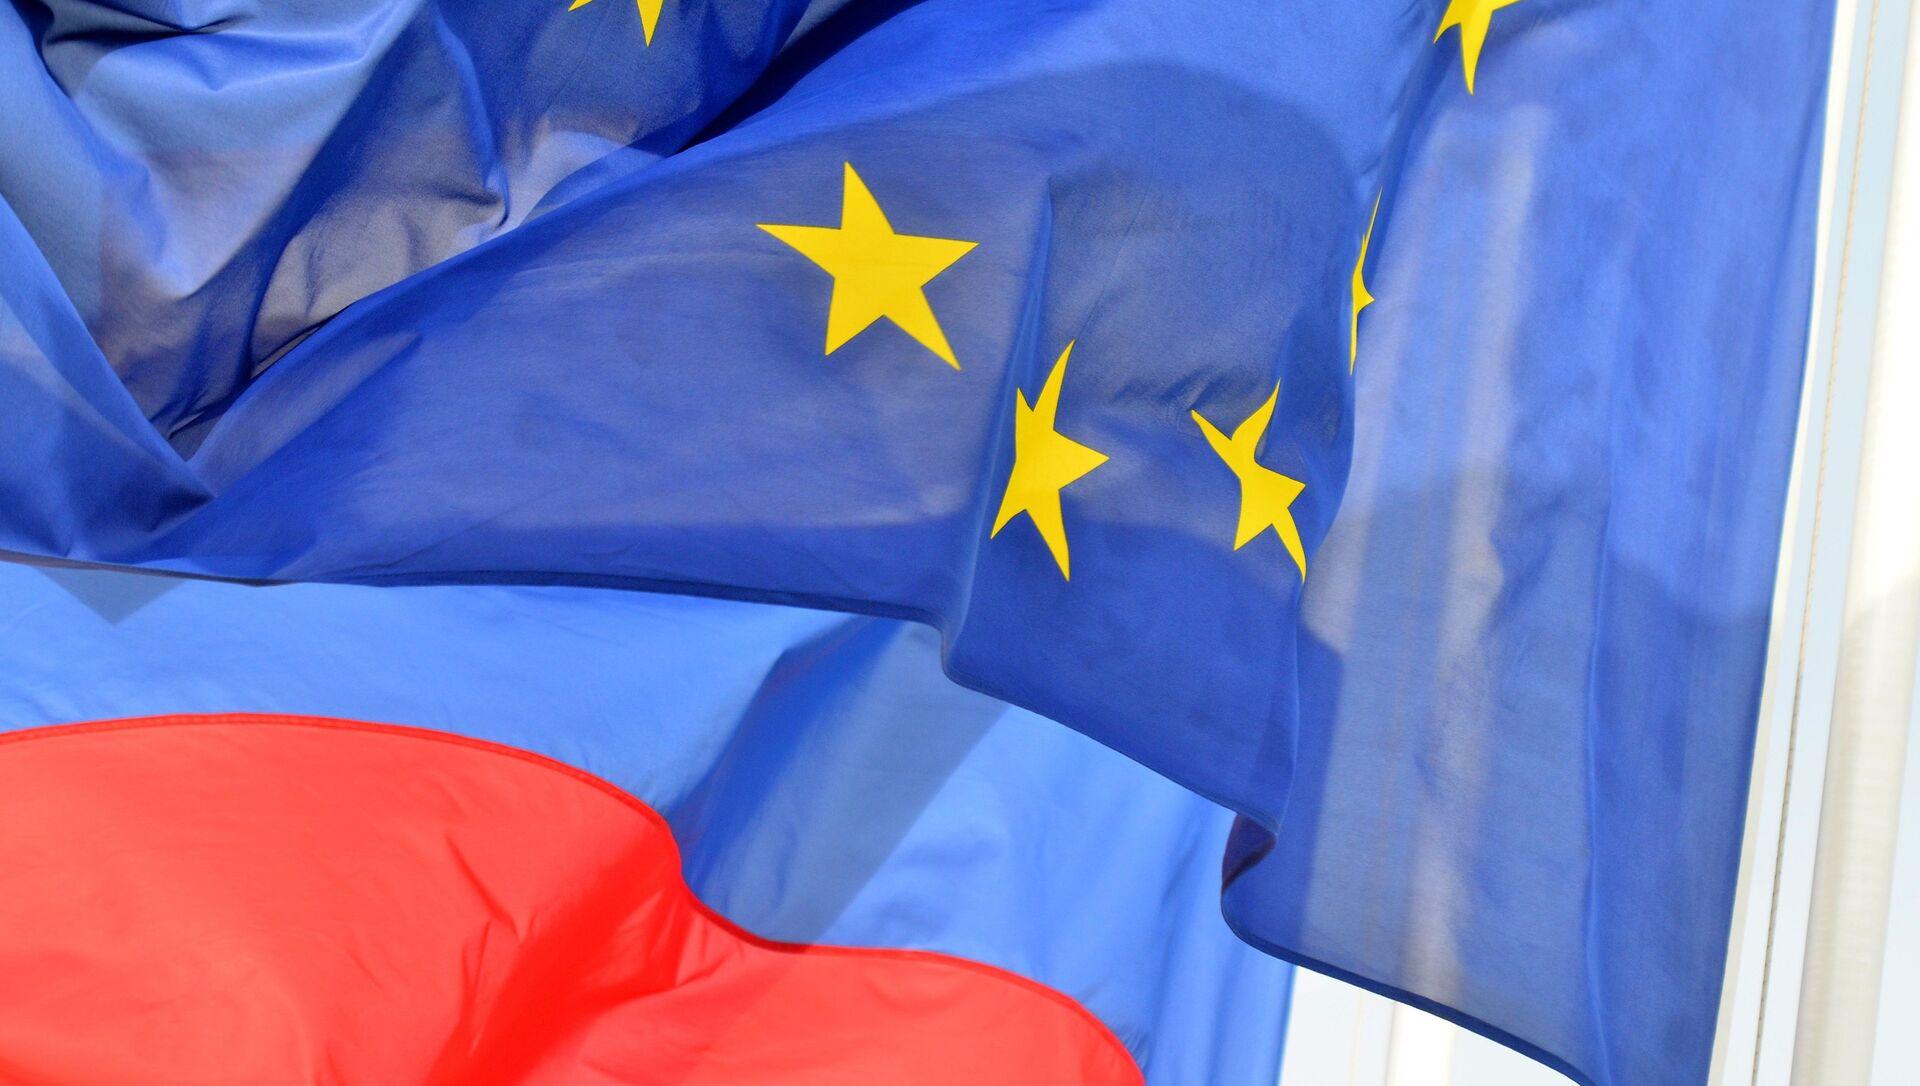 Rusya ve Avrupa Birliği bayrakları  - Sputnik Türkiye, 1920, 26.07.2021